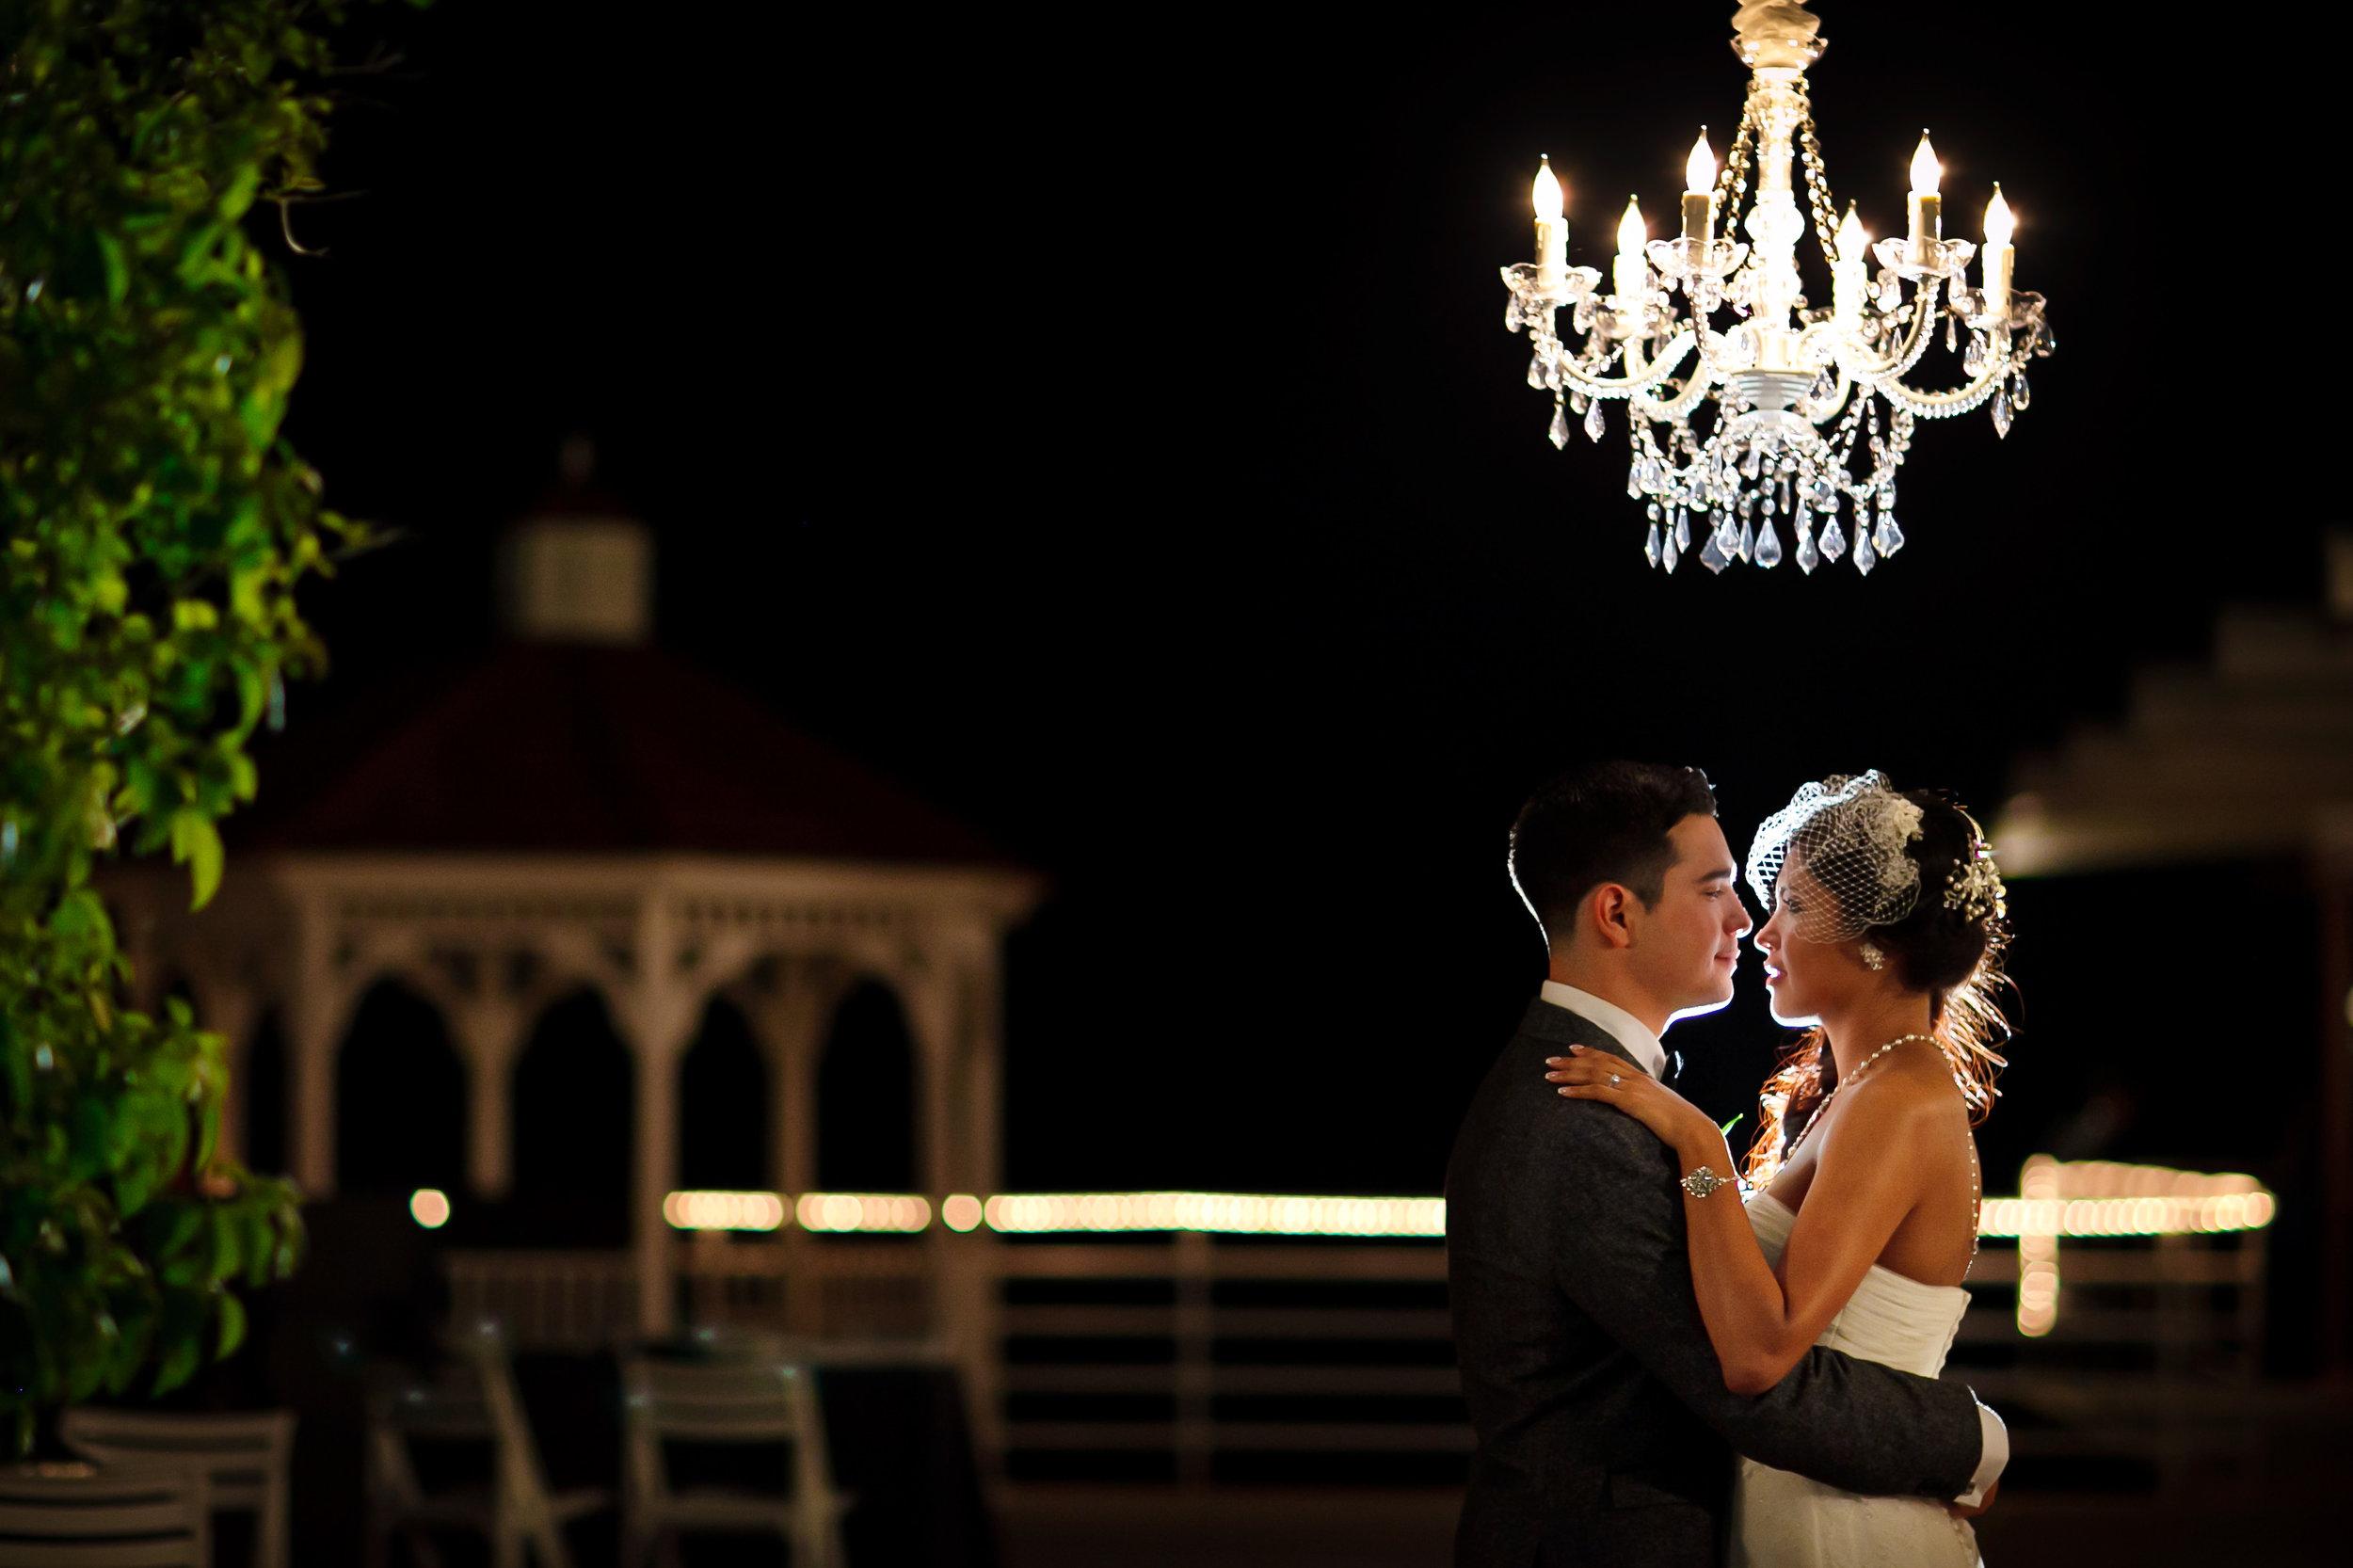 WEDDING RECEPTION AT LOS VERDES GOLF COURSE IN RANCHO PALOS VERDES, CALIFORNIA.